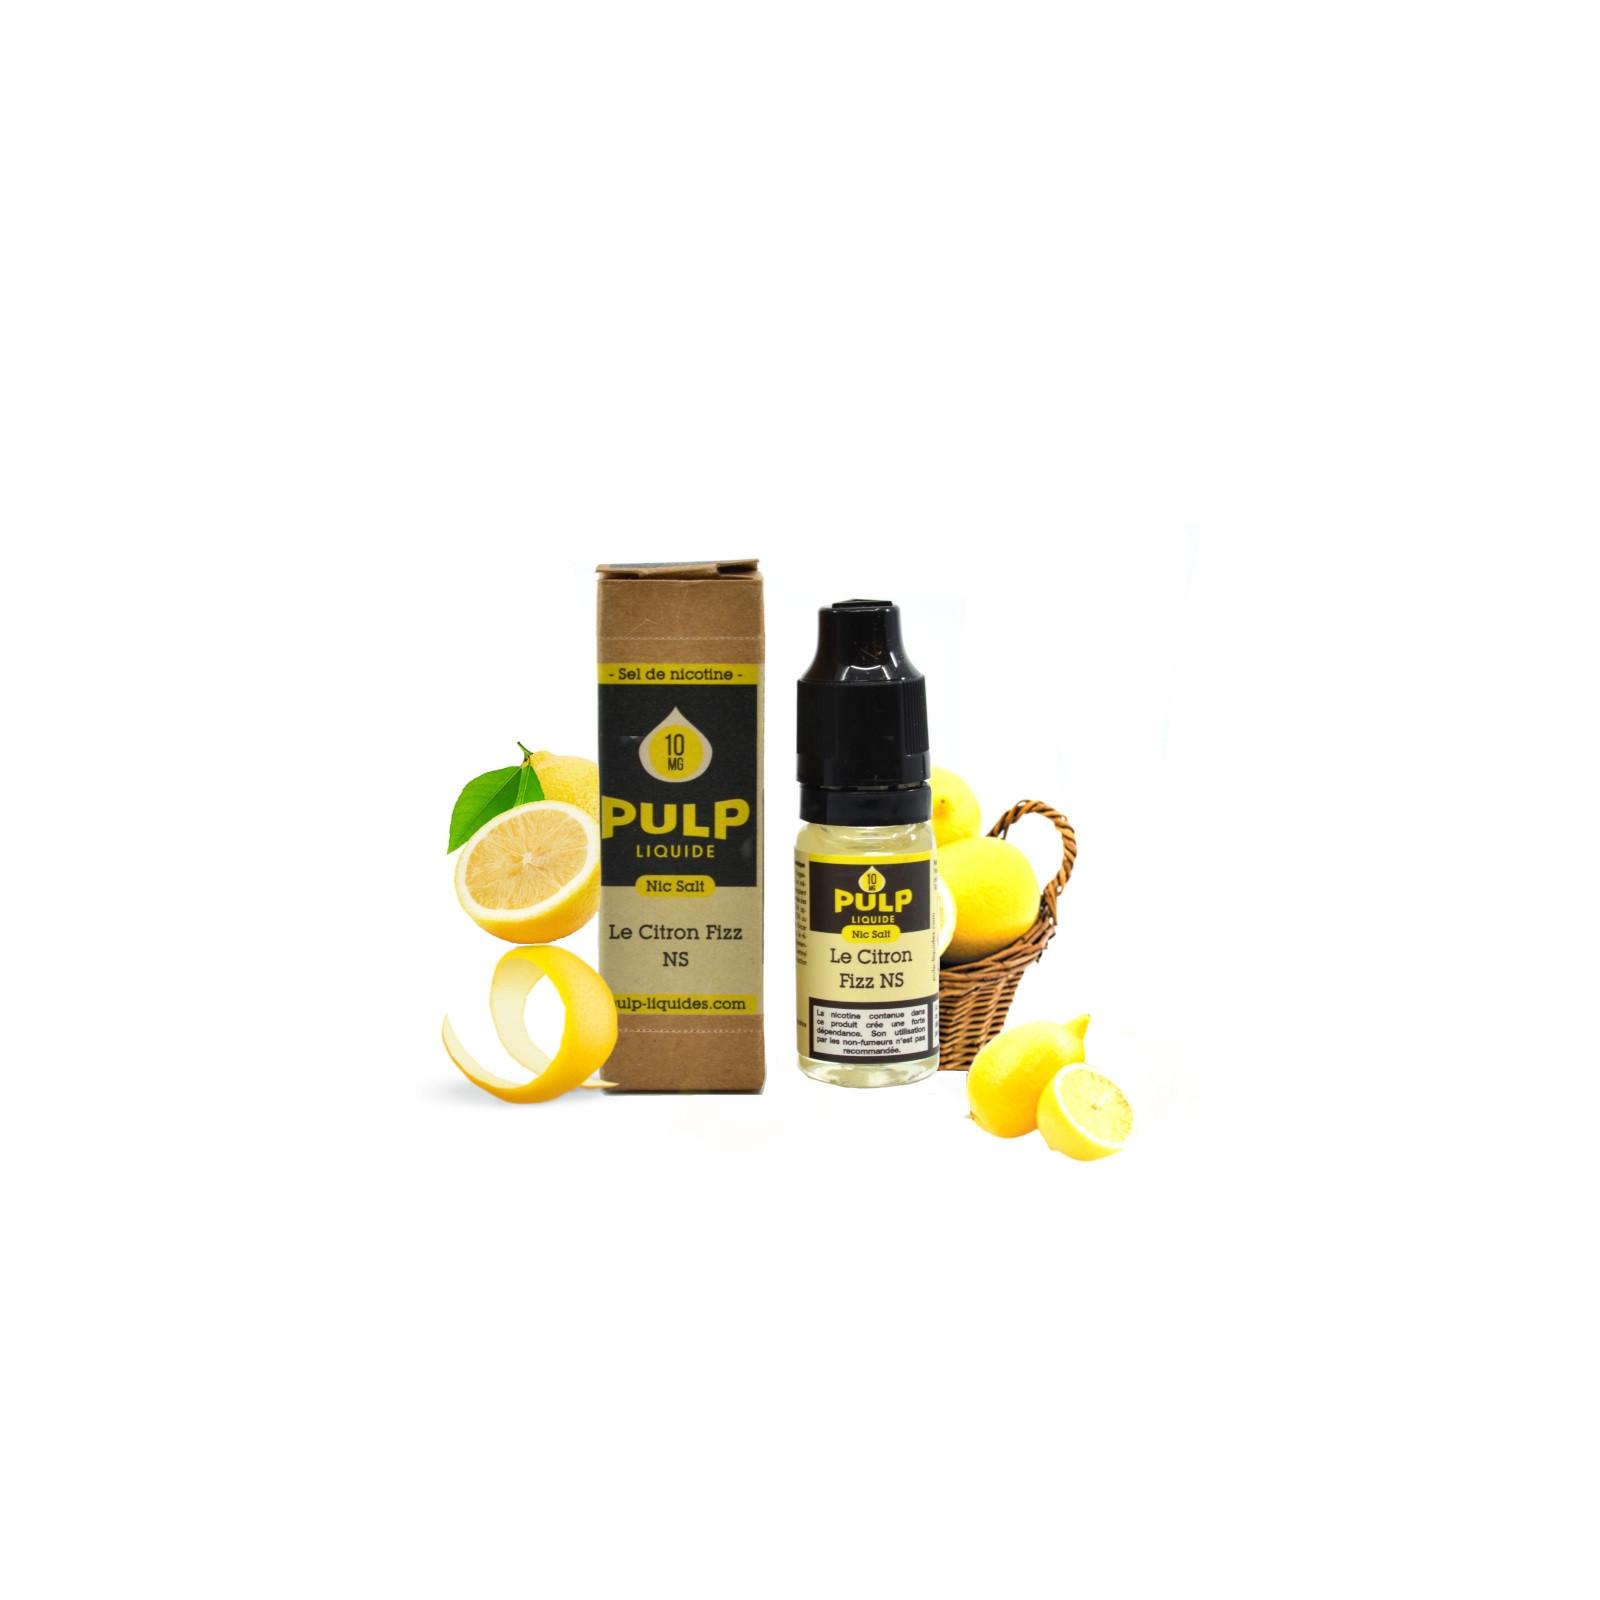 Le Citron Fizz NS - Pulp